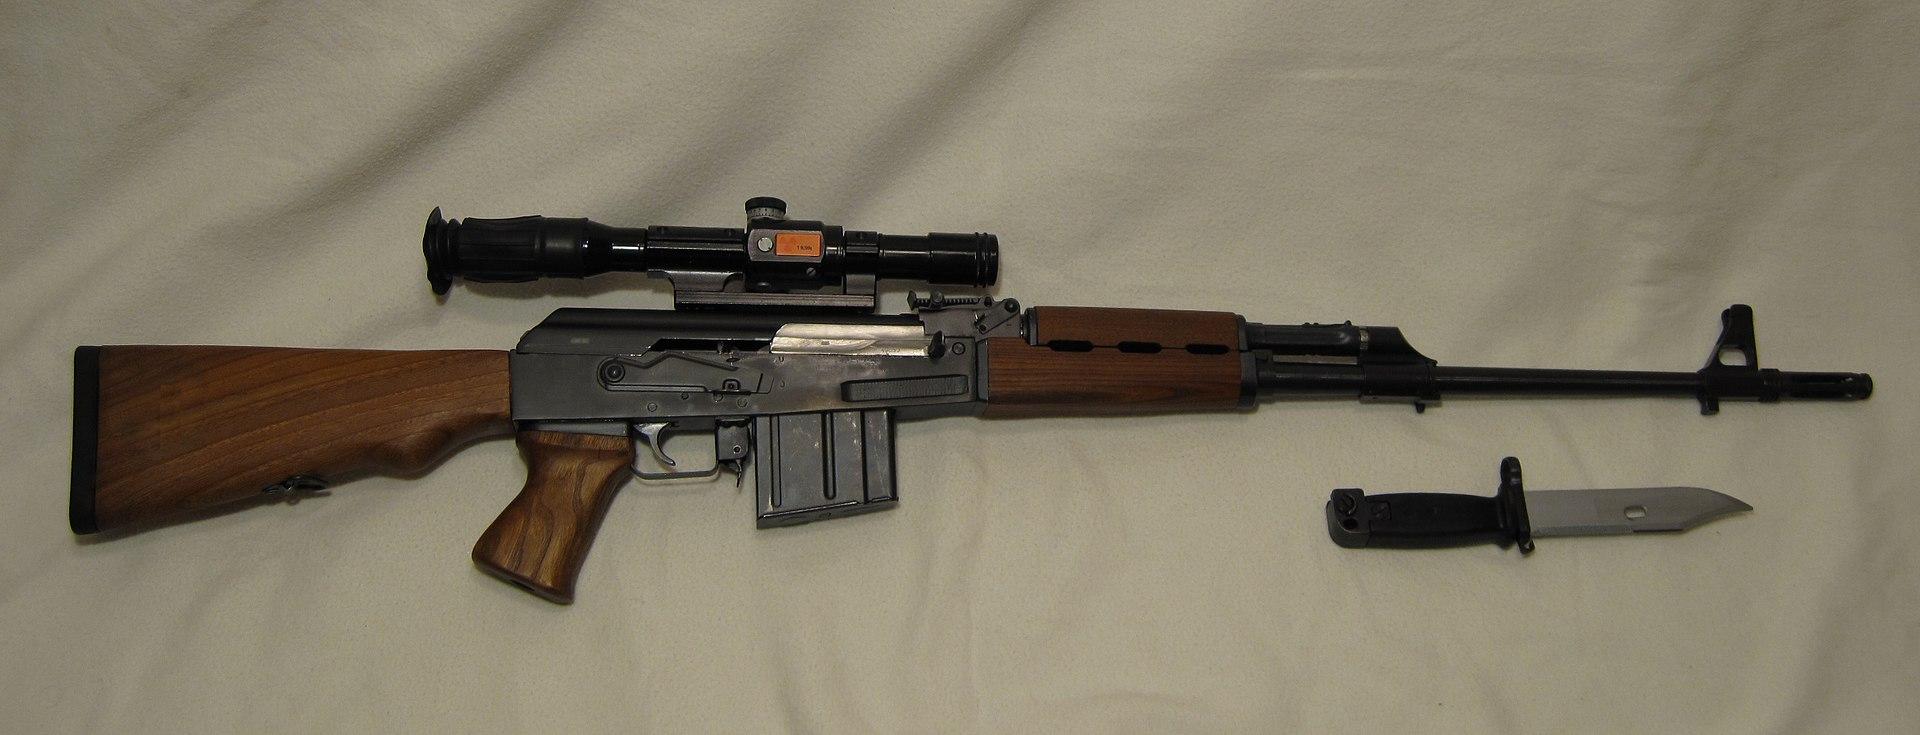 1920px-Zastava-M76-Full.jpg